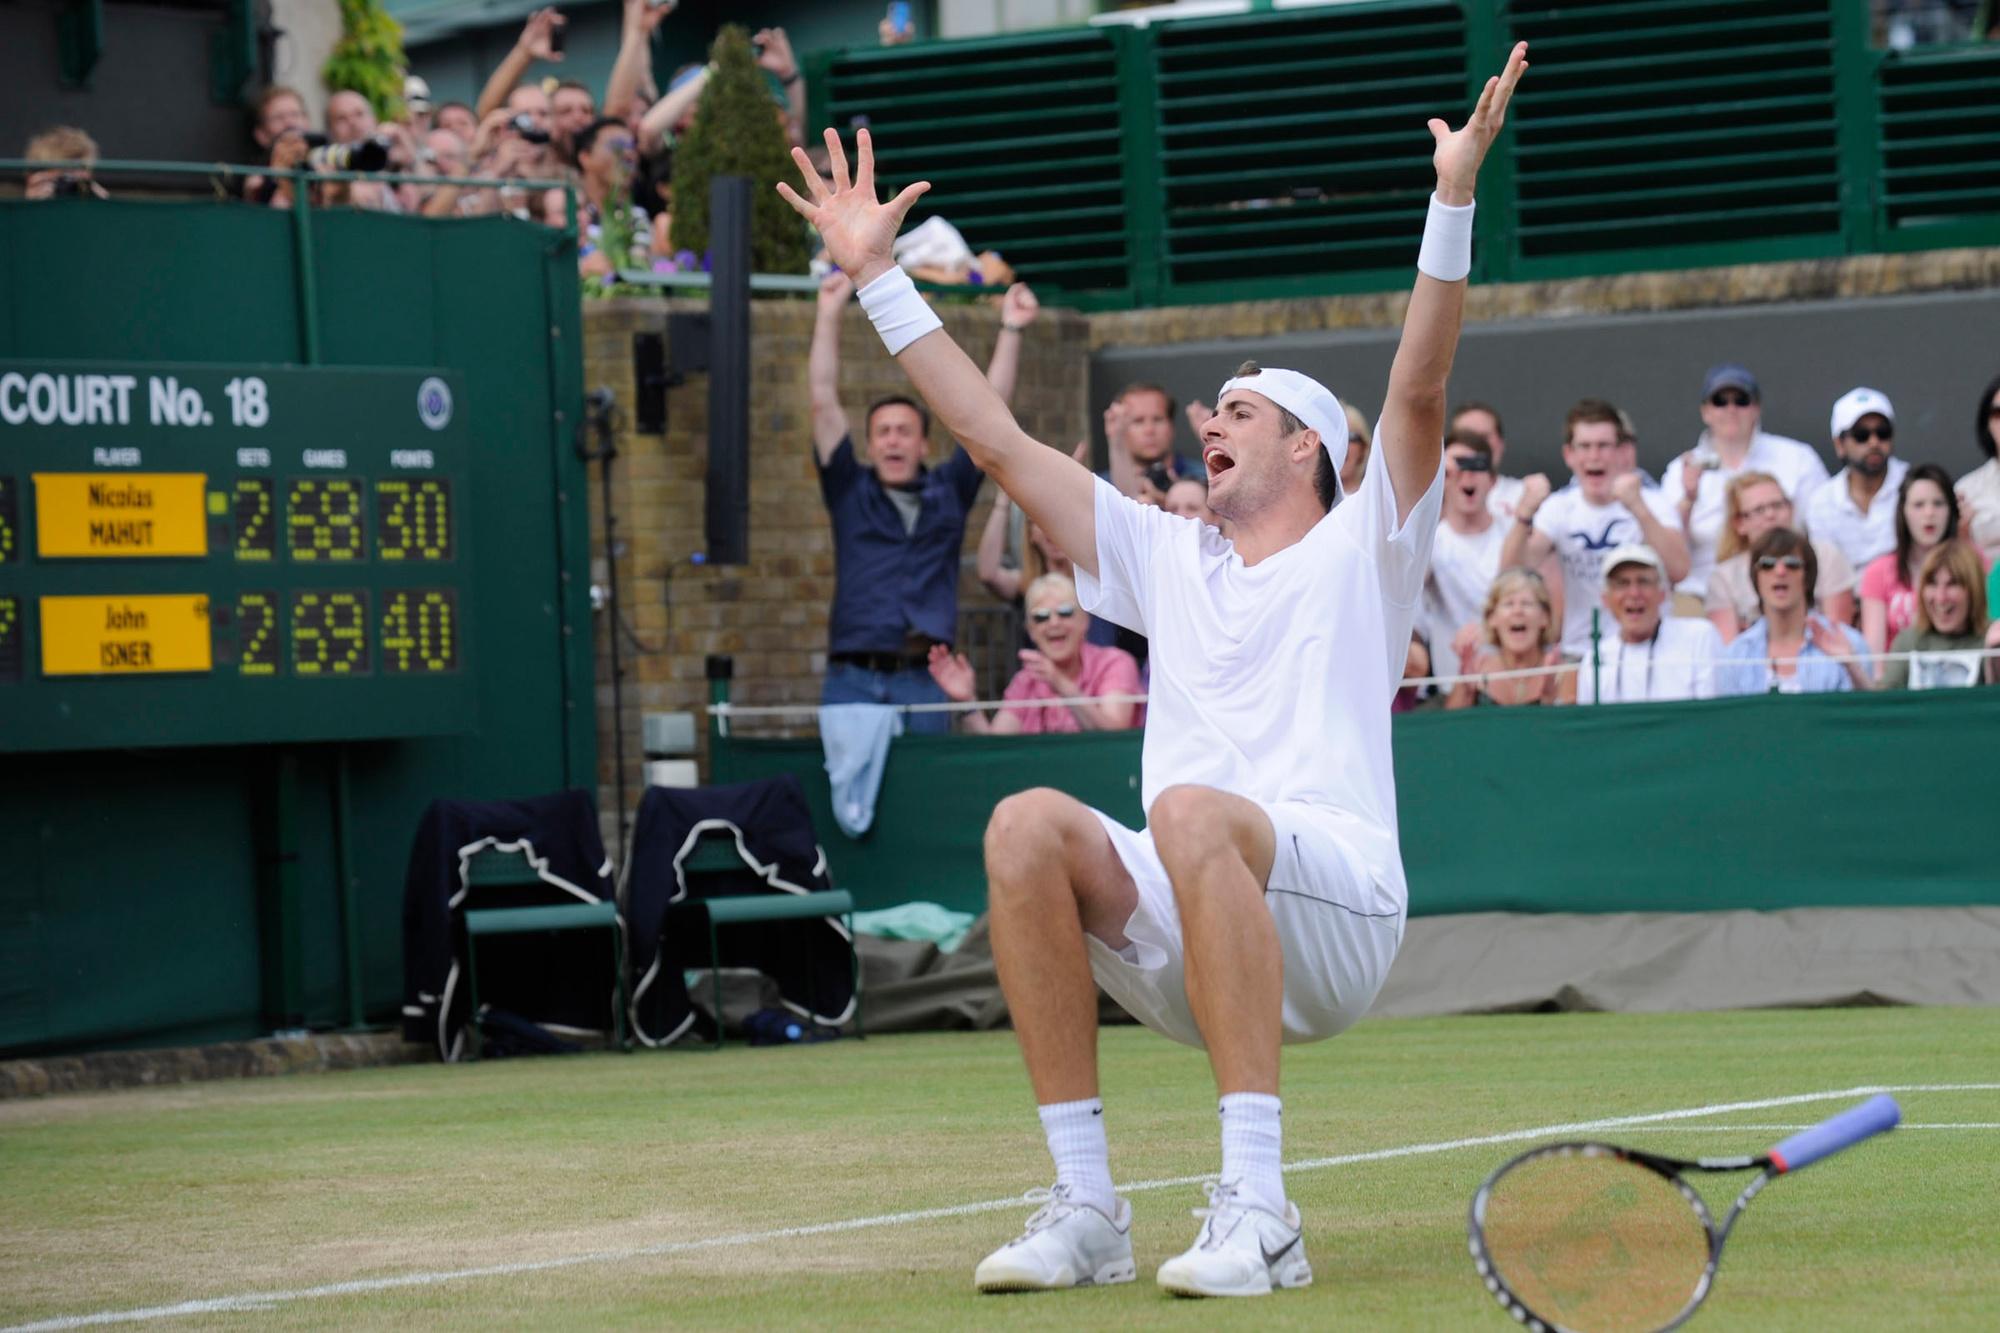 John Isner barst in vreugde uit na 11 uur tennis., GETTY